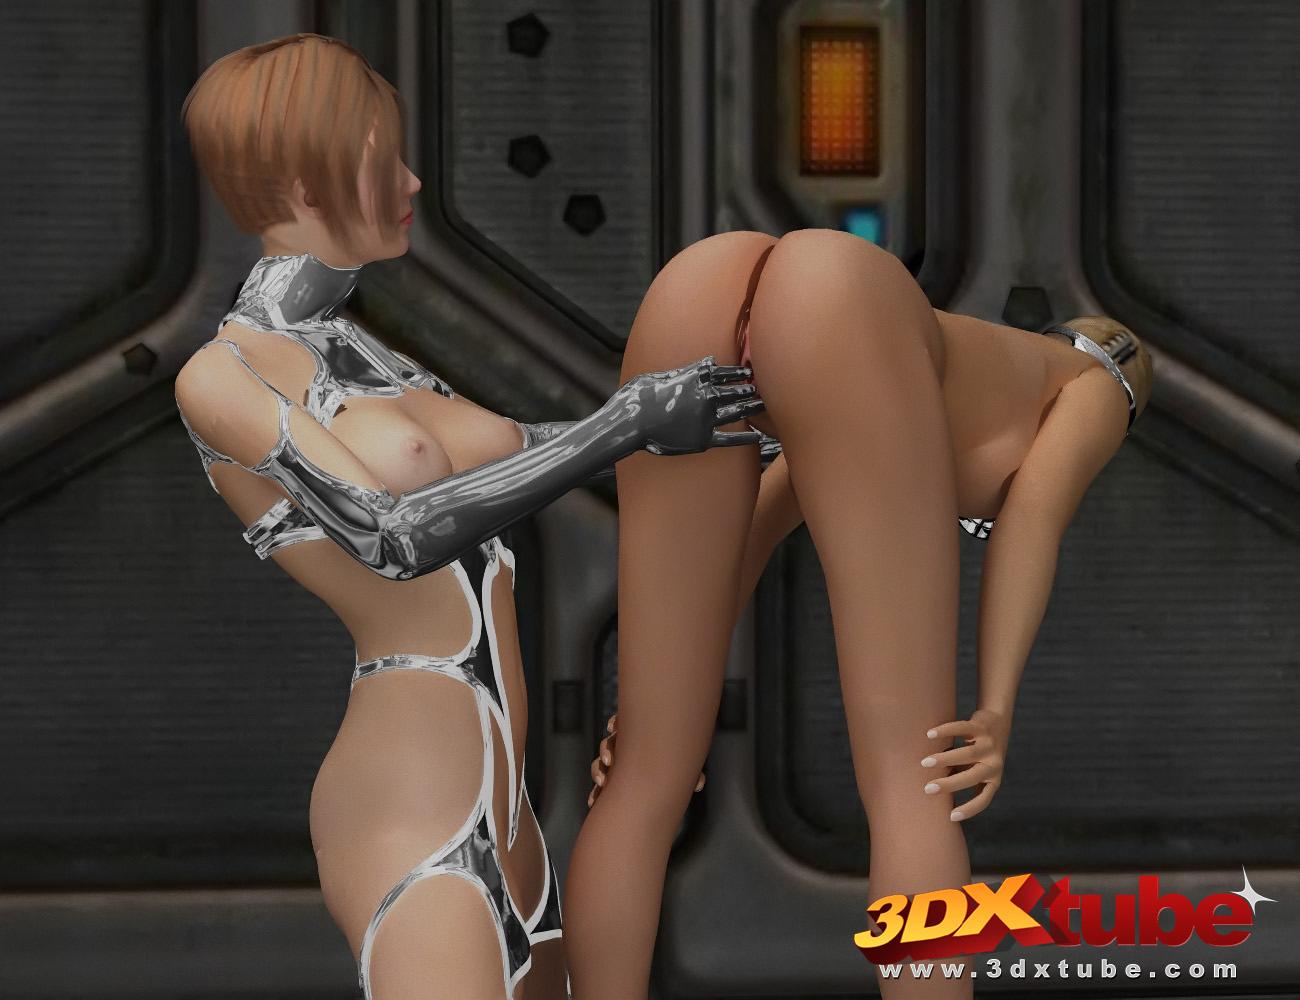 Scifi porns hentia photos